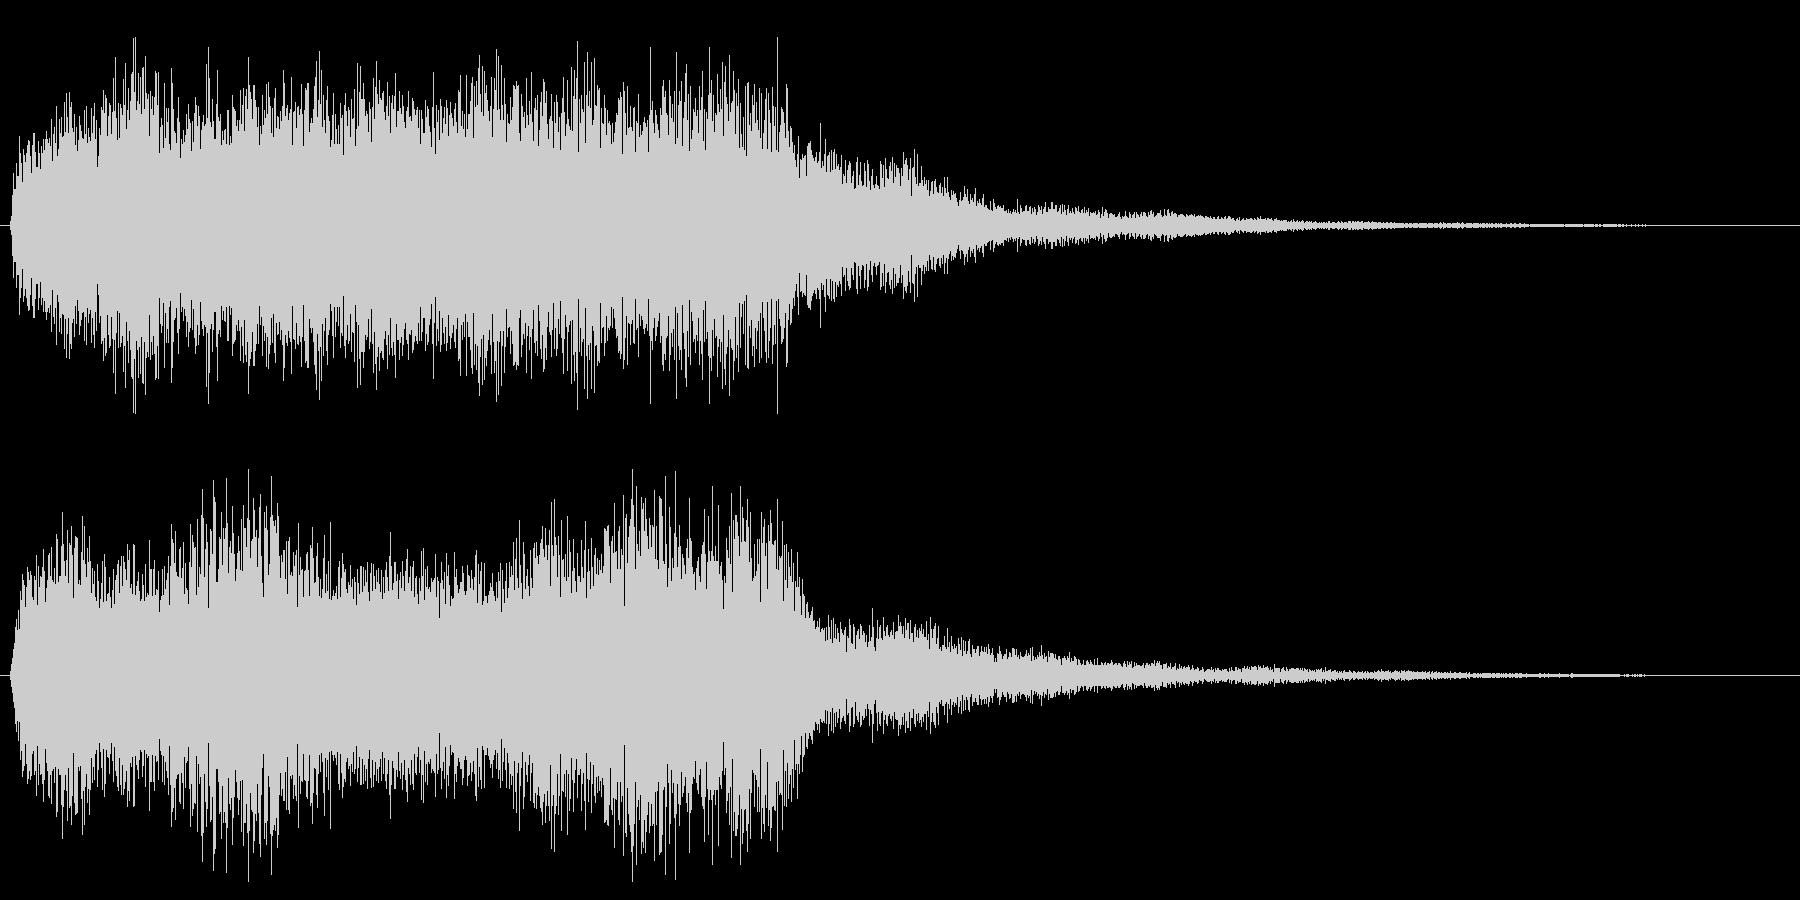 ハロウィン ホラー系 オルガン効果音の未再生の波形